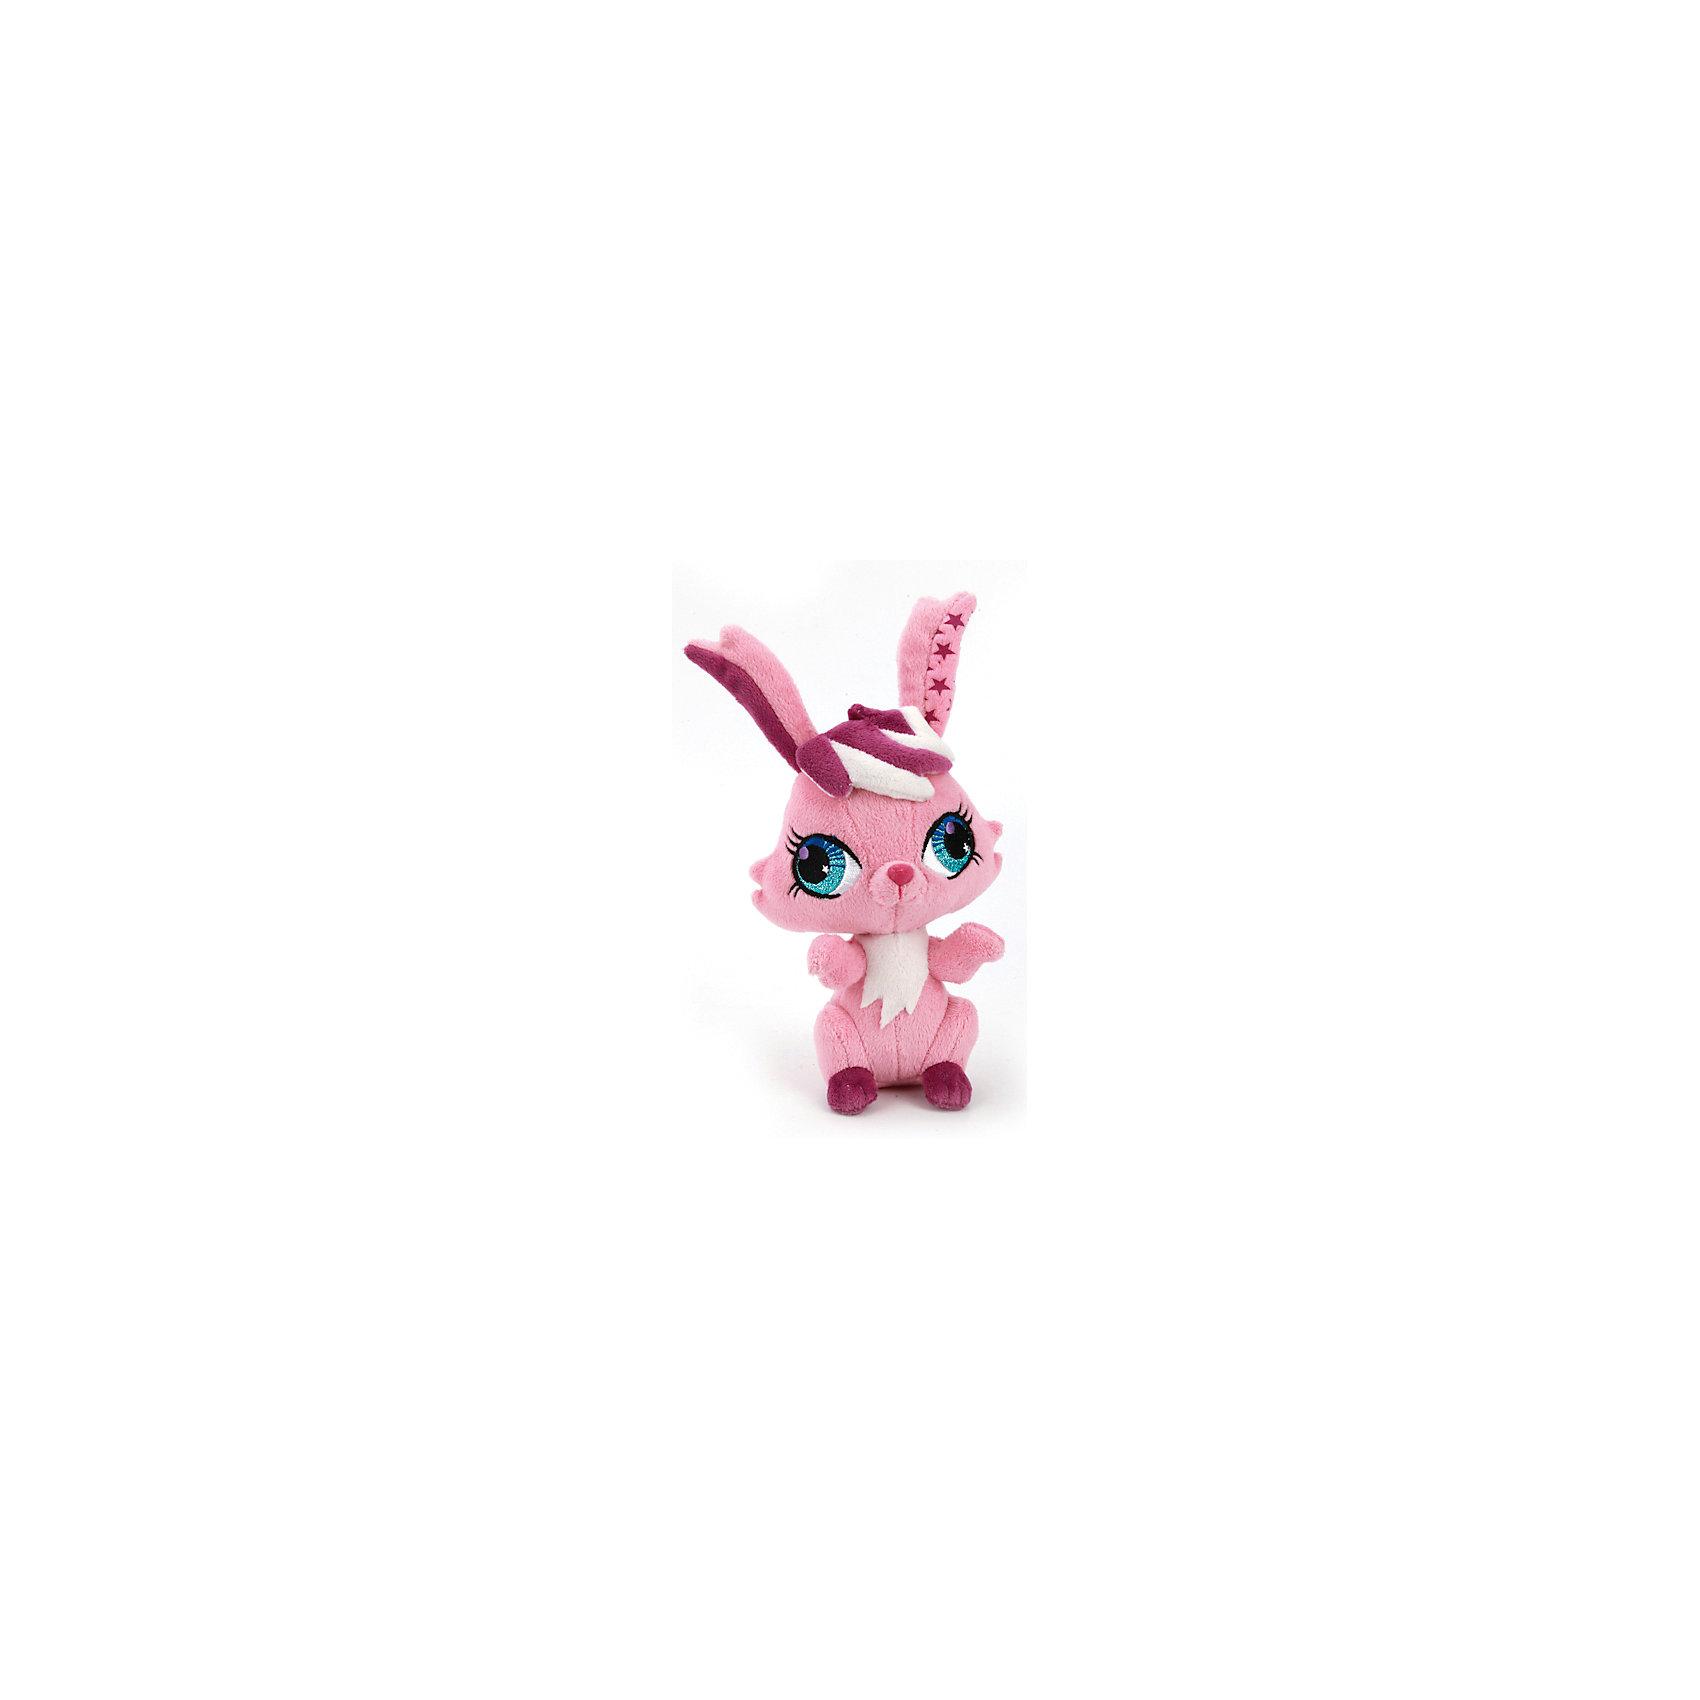 Мягкая игрушка  Кролик, 16 см, со звуком, МУЛЬТИ-ПУЛЬТИМягкая игрушка Кролик со звуком от марки МУЛЬТИ-ПУЛЬТИ<br><br>Яркая говорящая мягкая игрушка от отечественного производителя сделана в виде симпатичного кролика. Она поможет ребенку проводить время весело и с пользой. В игрушке есть встроенный звуковой модуль, работающий на батарейках.<br>Размер игрушки универсален - 16 сантиметров, её удобно брать с собой в поездки и на прогулку. Сделана она из качественных и безопасных для ребенка материалов, которые еще и приятны на ощупь. <br><br>Отличительные особенности  игрушки:<br><br>- материал: текстиль, пластик;<br>- звуковой модуль;<br>- язык: русский;<br>- работает на батарейках;<br>- высота: 16 см.<br><br>Мягкую игрушку Кролик от марки МУЛЬТИ-ПУЛЬТИ можно купить в нашем магазине.<br><br>Ширина мм: 380<br>Глубина мм: 380<br>Высота мм: 180<br>Вес г: 110<br>Возраст от месяцев: 36<br>Возраст до месяцев: 84<br>Пол: Унисекс<br>Возраст: Детский<br>SKU: 4659488